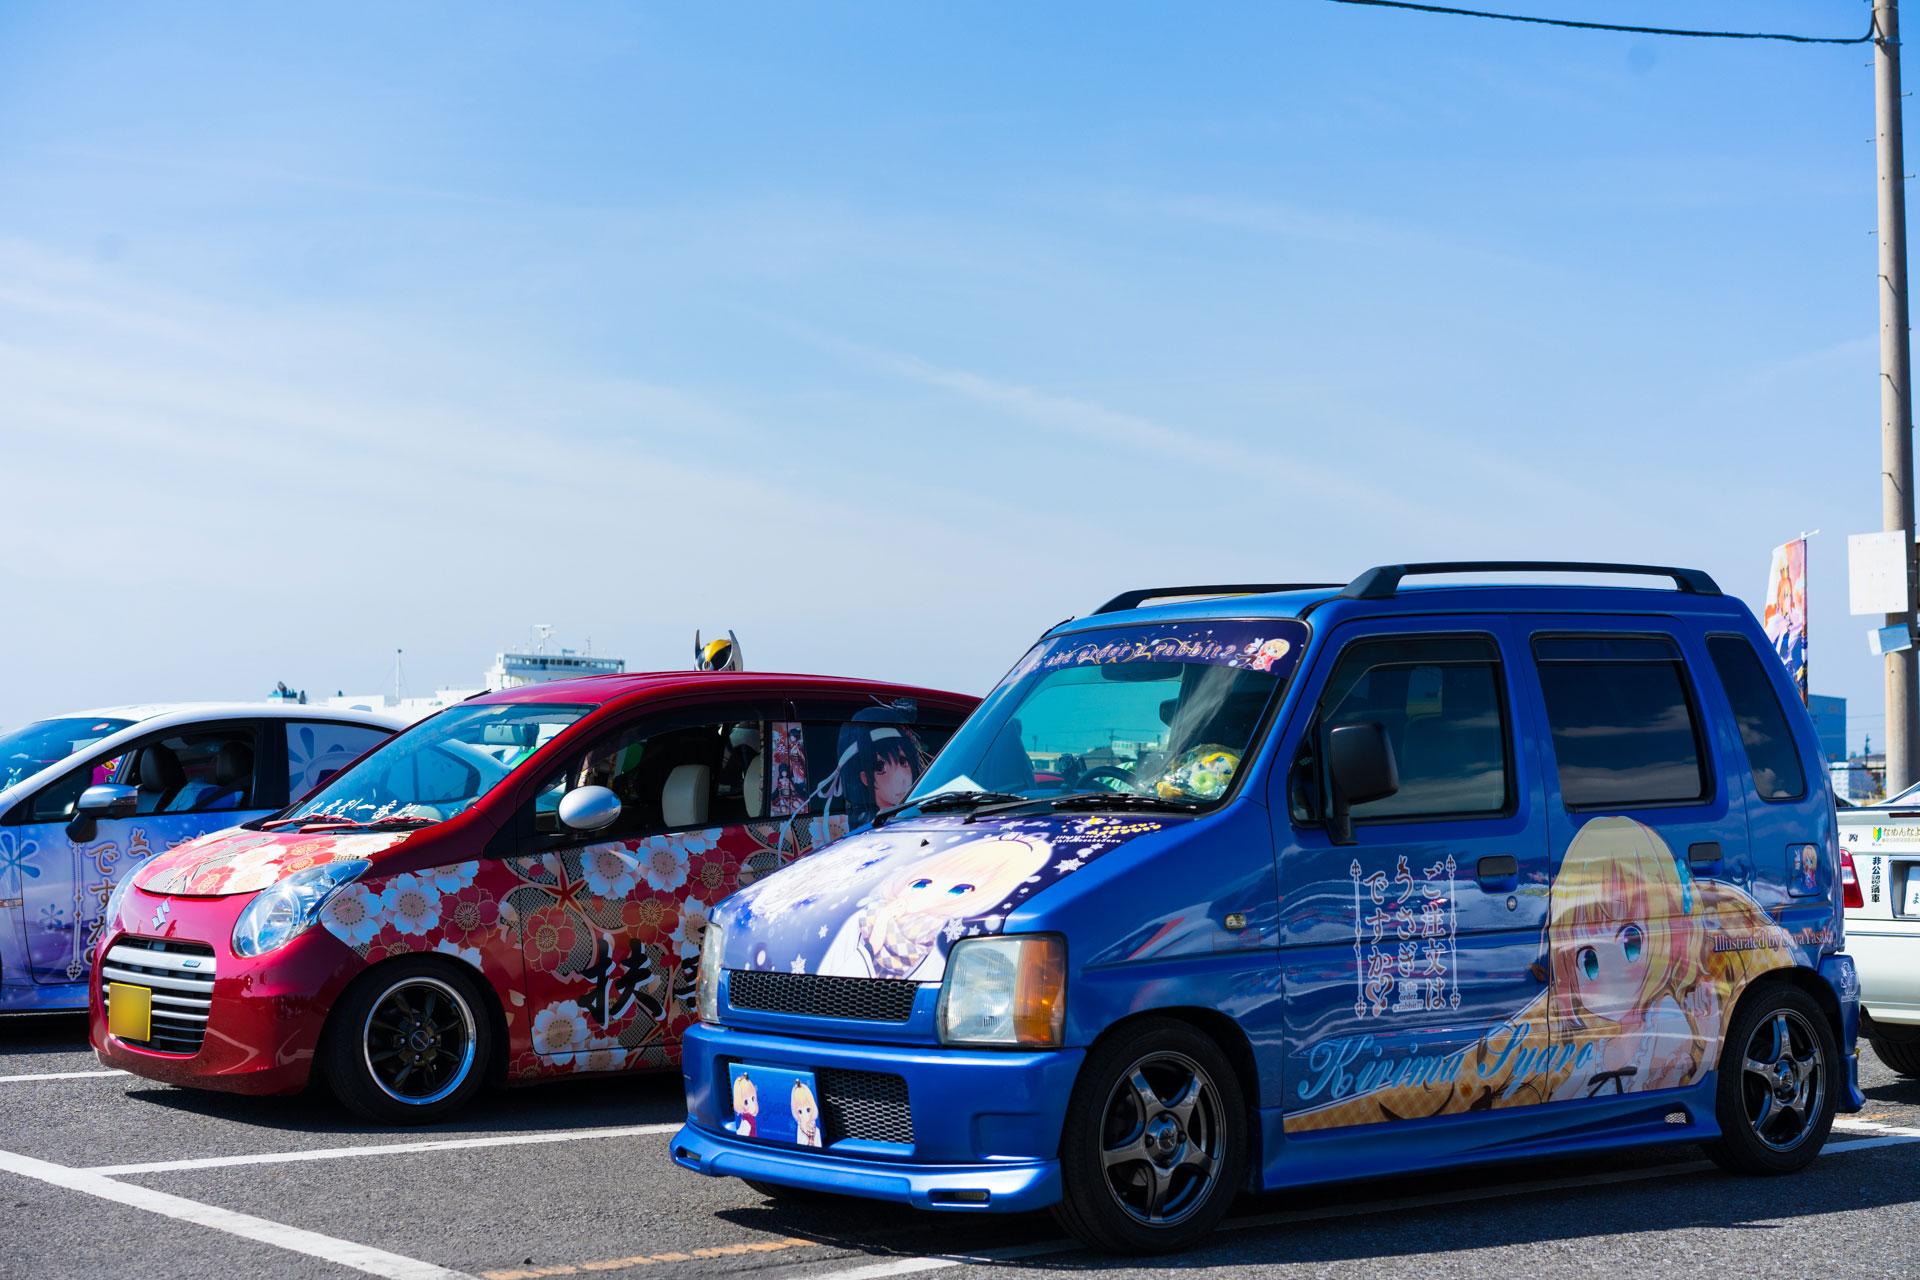 ご注文はうさぎですか? ごちうさ 第一回 痛車 Samurai JAPAN SONY α7Ⅱ, Sonnar T* FE 55mm F1.8 ZA SEL55F18Z